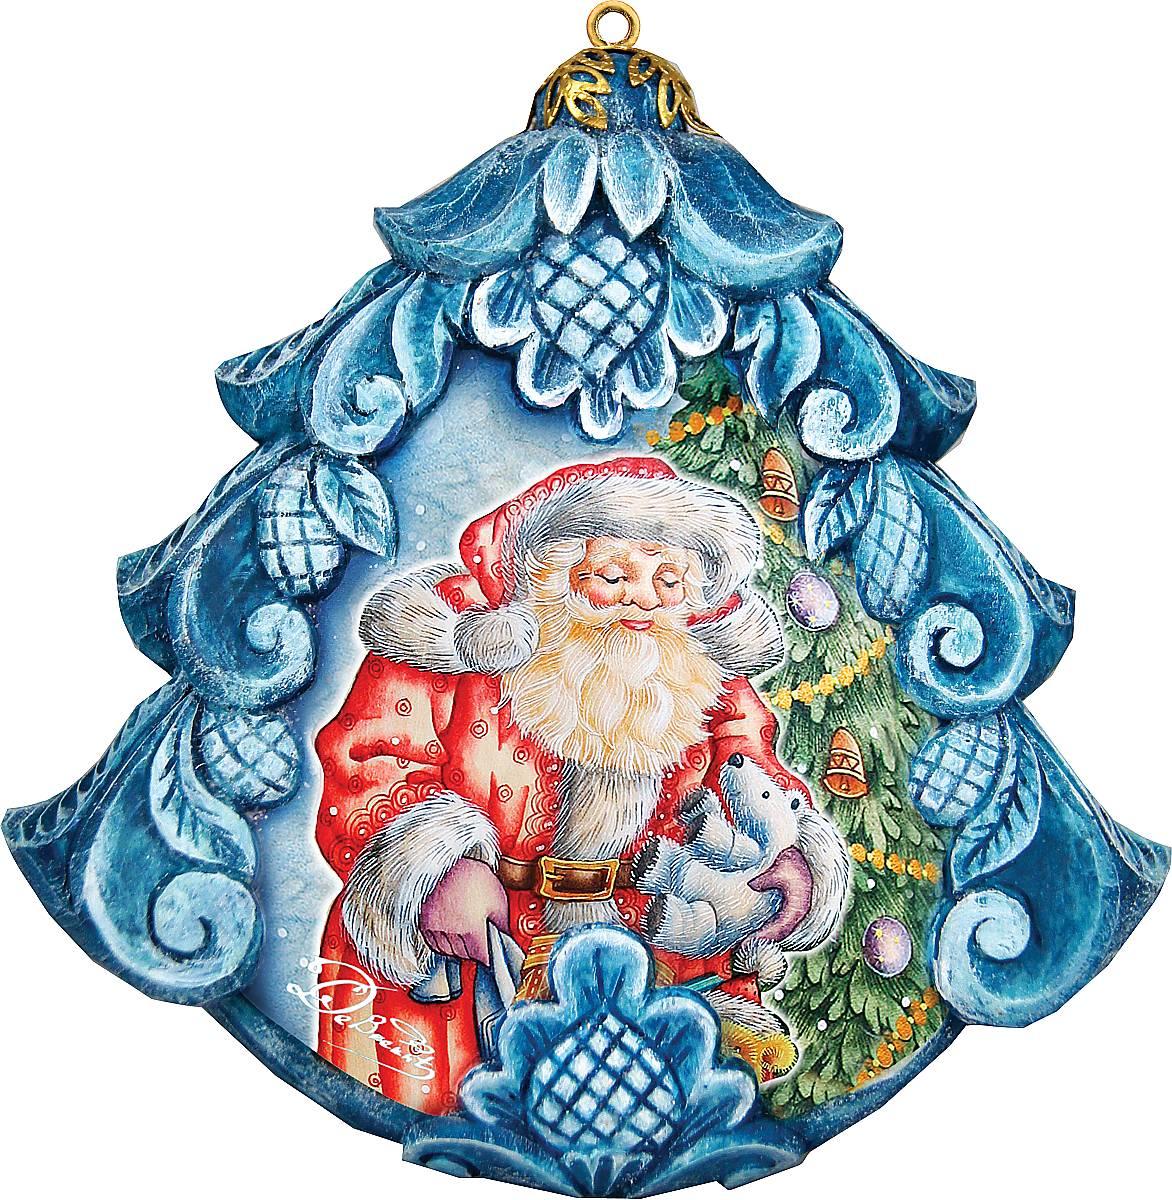 Украшение новогоднее подвесное Mister Christmas, коллекционное, высота 10 см. US 610271RW004-7-01Коллекционное украшение Mister Christmas прекрасно подойдет для праздничного декора вашего дома. Изделие выполнено из полистоуна и оснащено креплением для подвешивания на елку. Новогодние украшения несут в себе волшебство и красоту праздника. Они помогут вам украсить дом к предстоящим праздникам и оживить интерьер. Создайте в доме атмосферу тепла, веселья и радости, украшая его всей семьей.Кроме того, такая игрушка станет приятным подарком, который надолго сохранит память этого волшебного времени года.Высота украшения: 10 см.